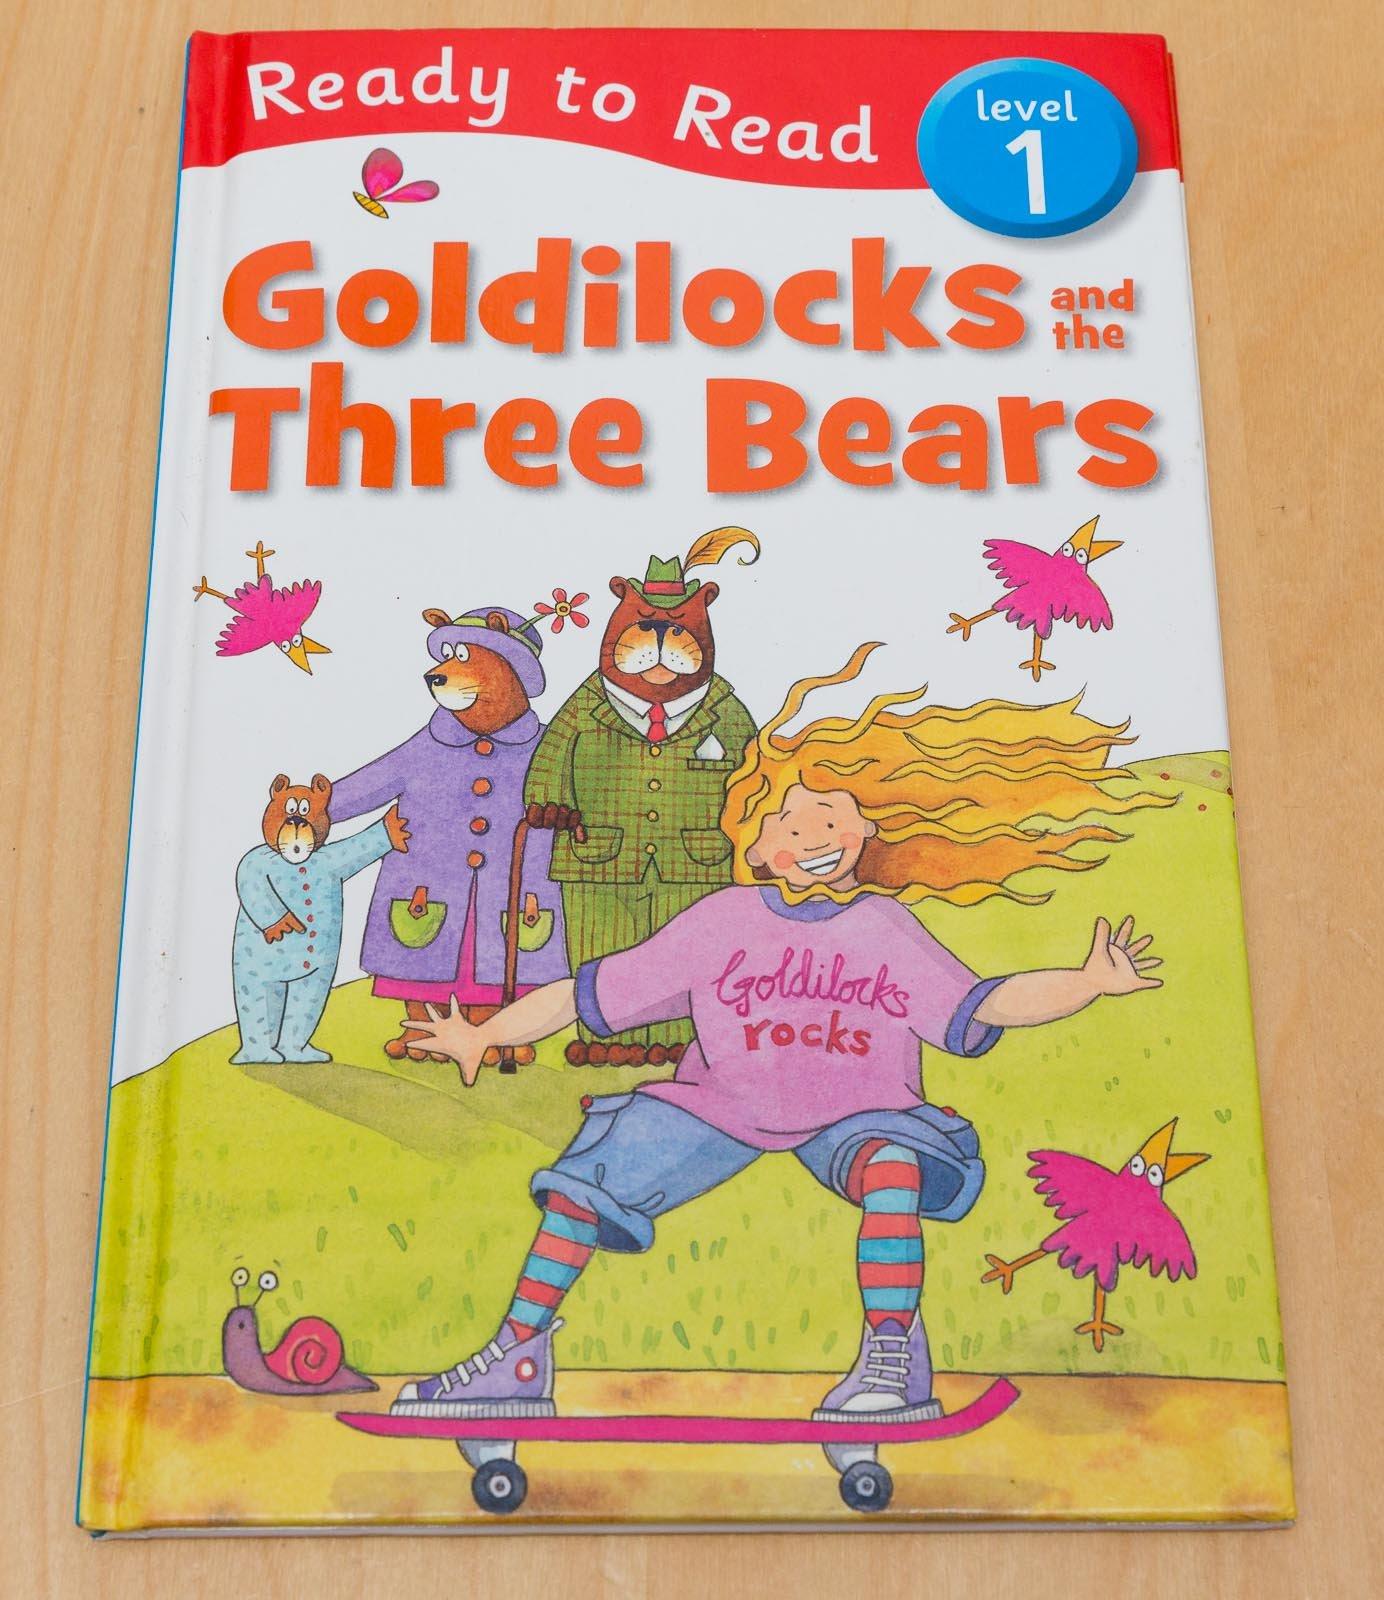 Goldilocks and the Three Bears (Level 1) (Ready to Read) ebook